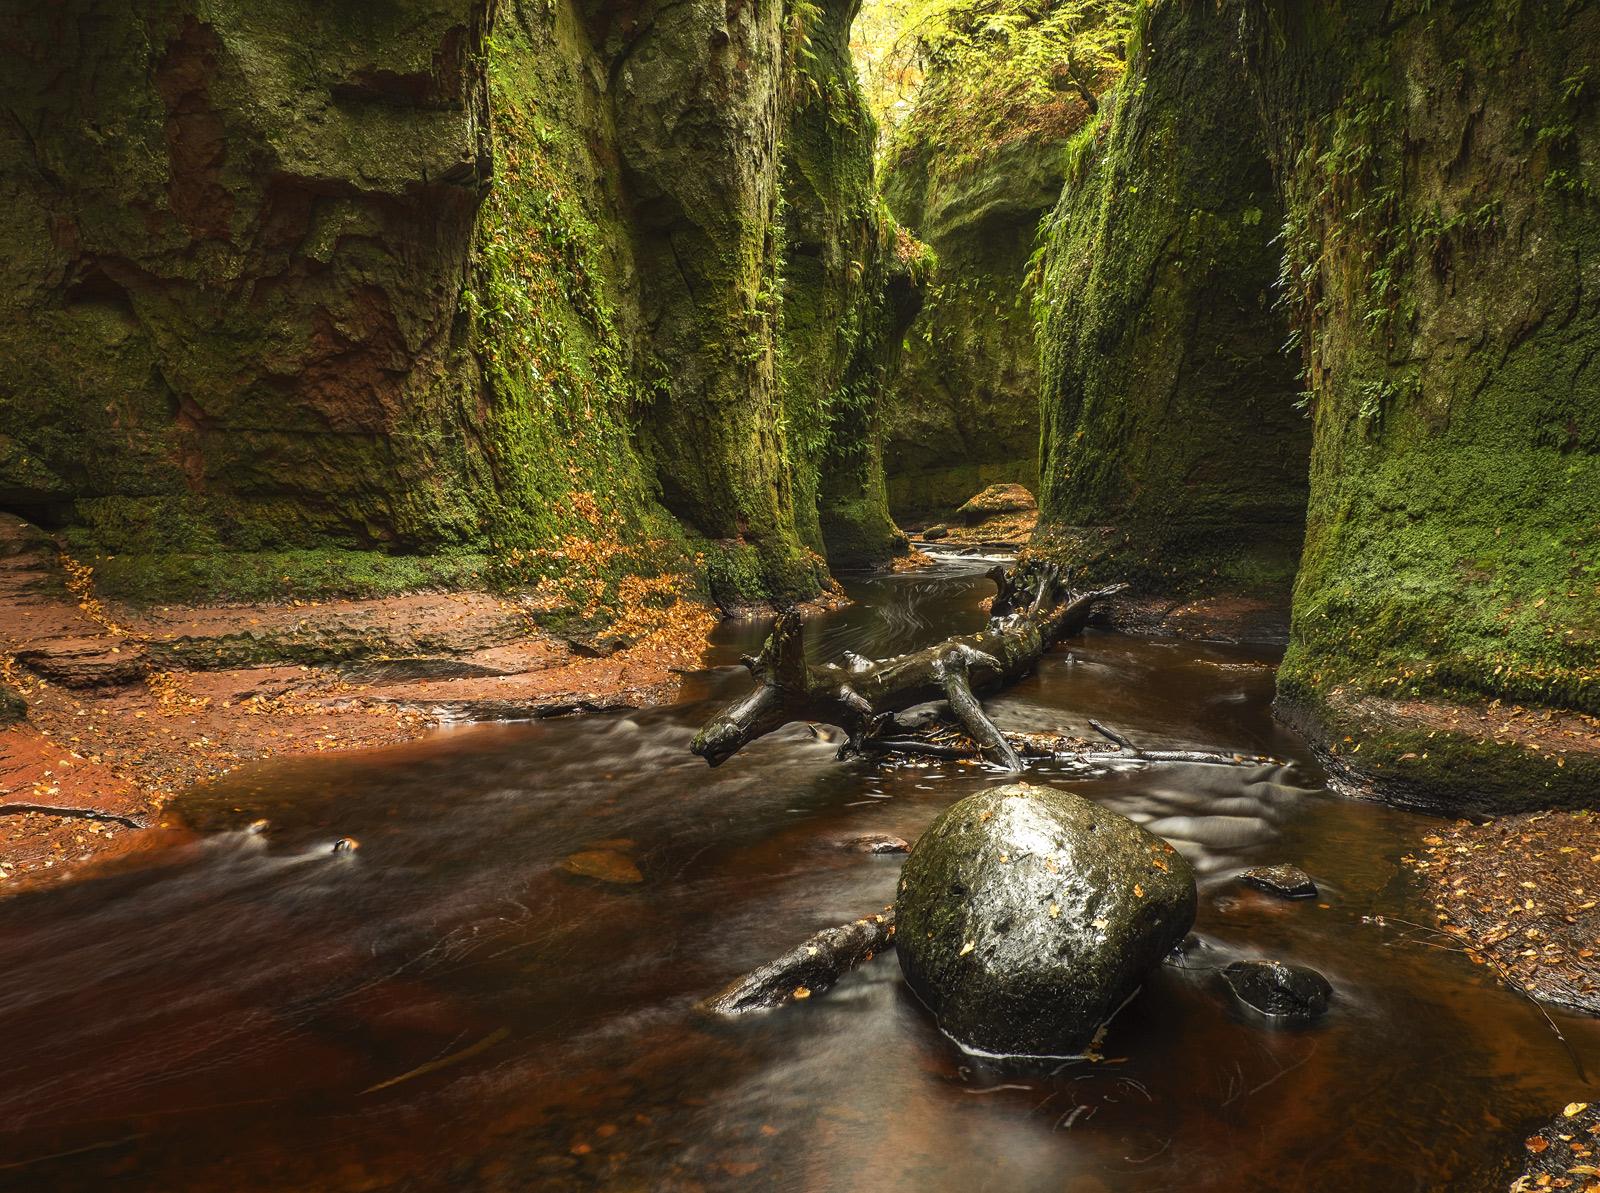 Evolution, Finnich Glen, Trossachs, Scotland, deep, dark, gorge, autumn, soft, rain, greens, foliage, sandstone, streams, photo